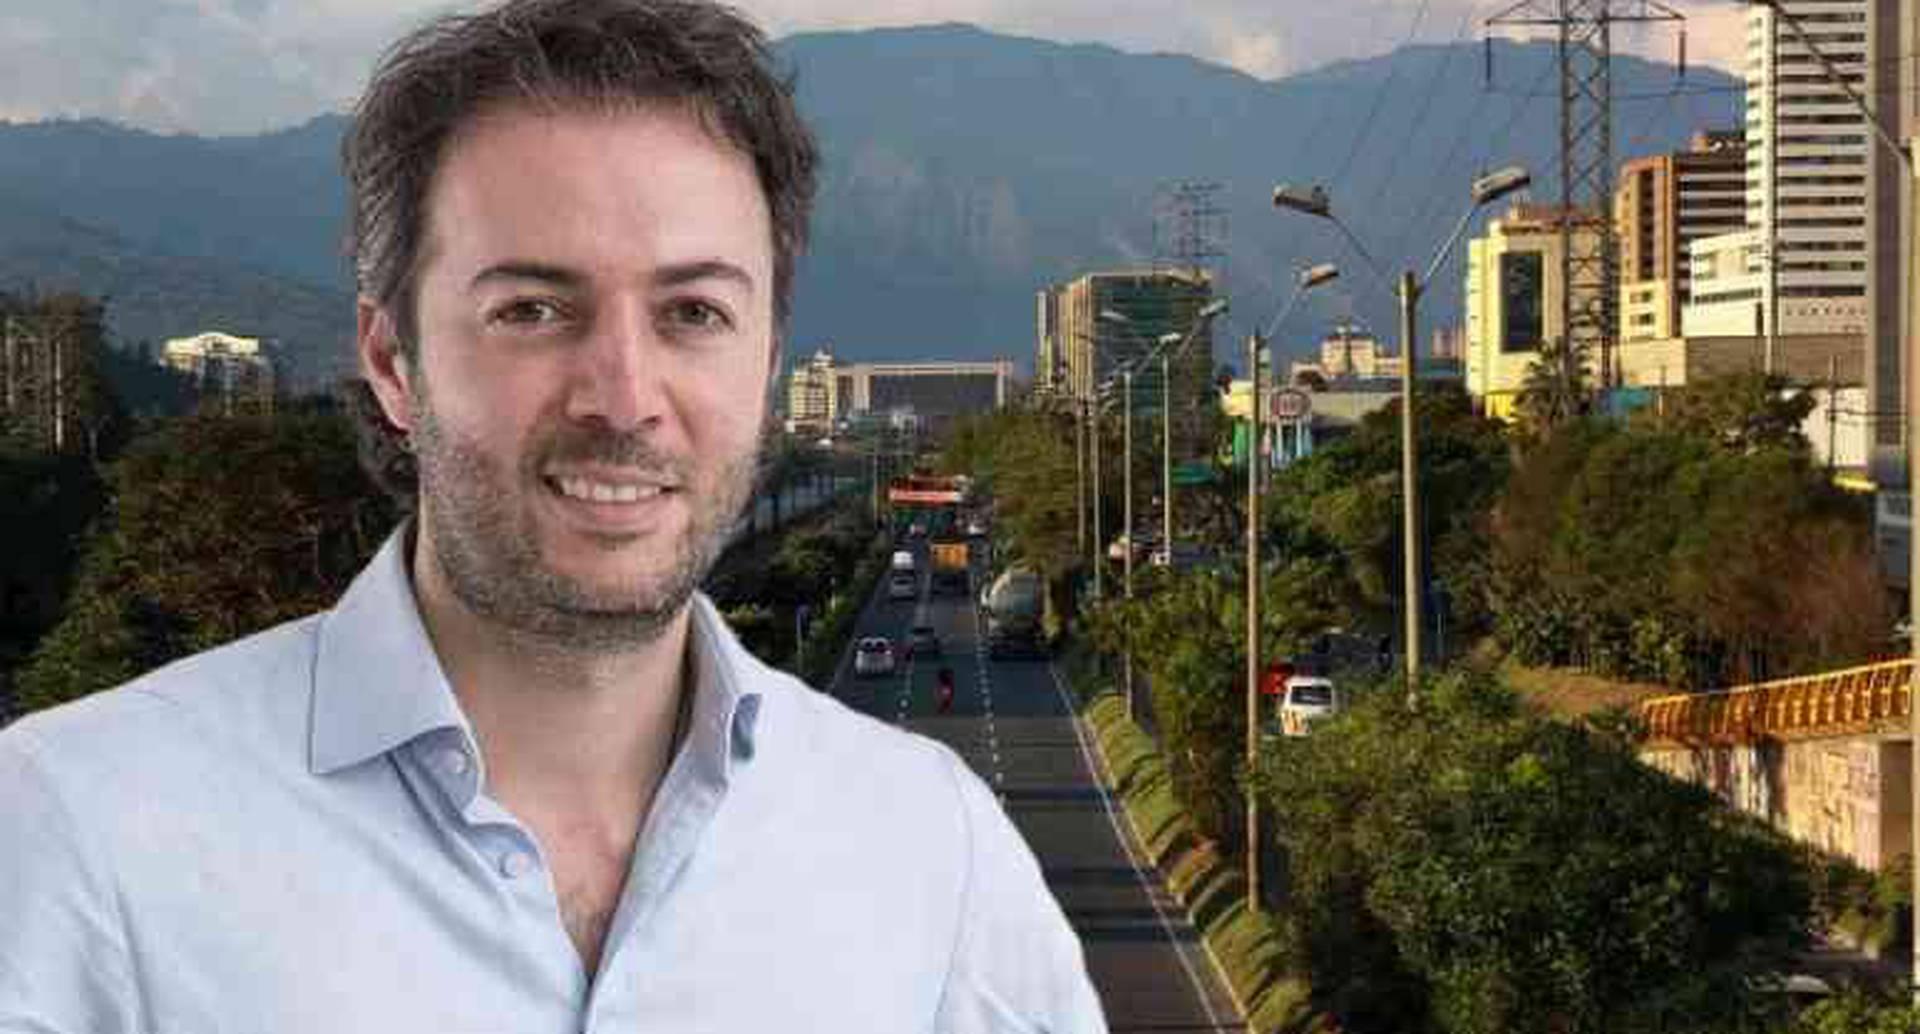 El alcalde Daniel Quintero logró sacar adelante, en pocos meses, uno de los proyectos más enredados que tenía la capital antioqueña.